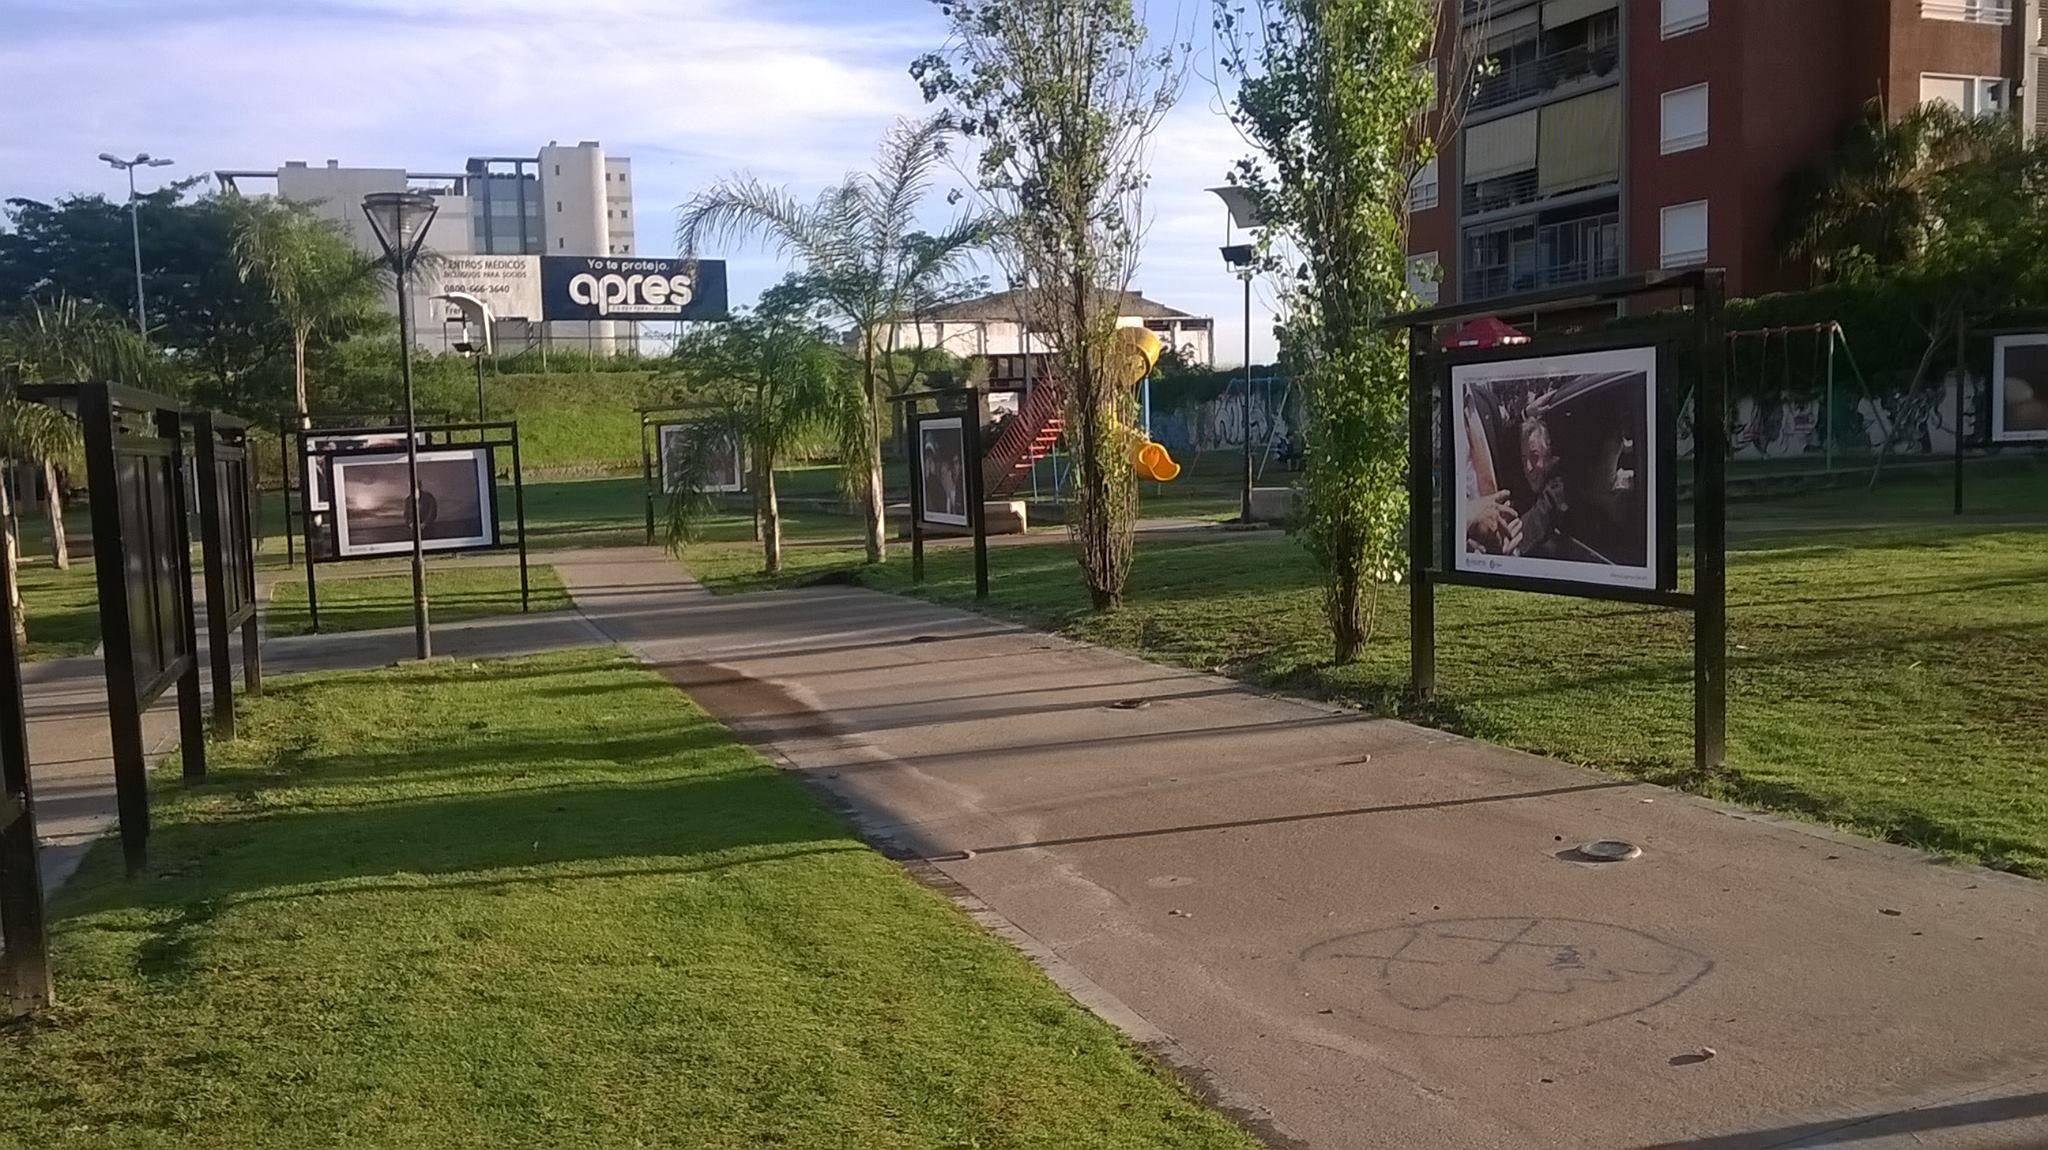 galeria - Galería de fotos a cielo abierto en Plaza Ucrania